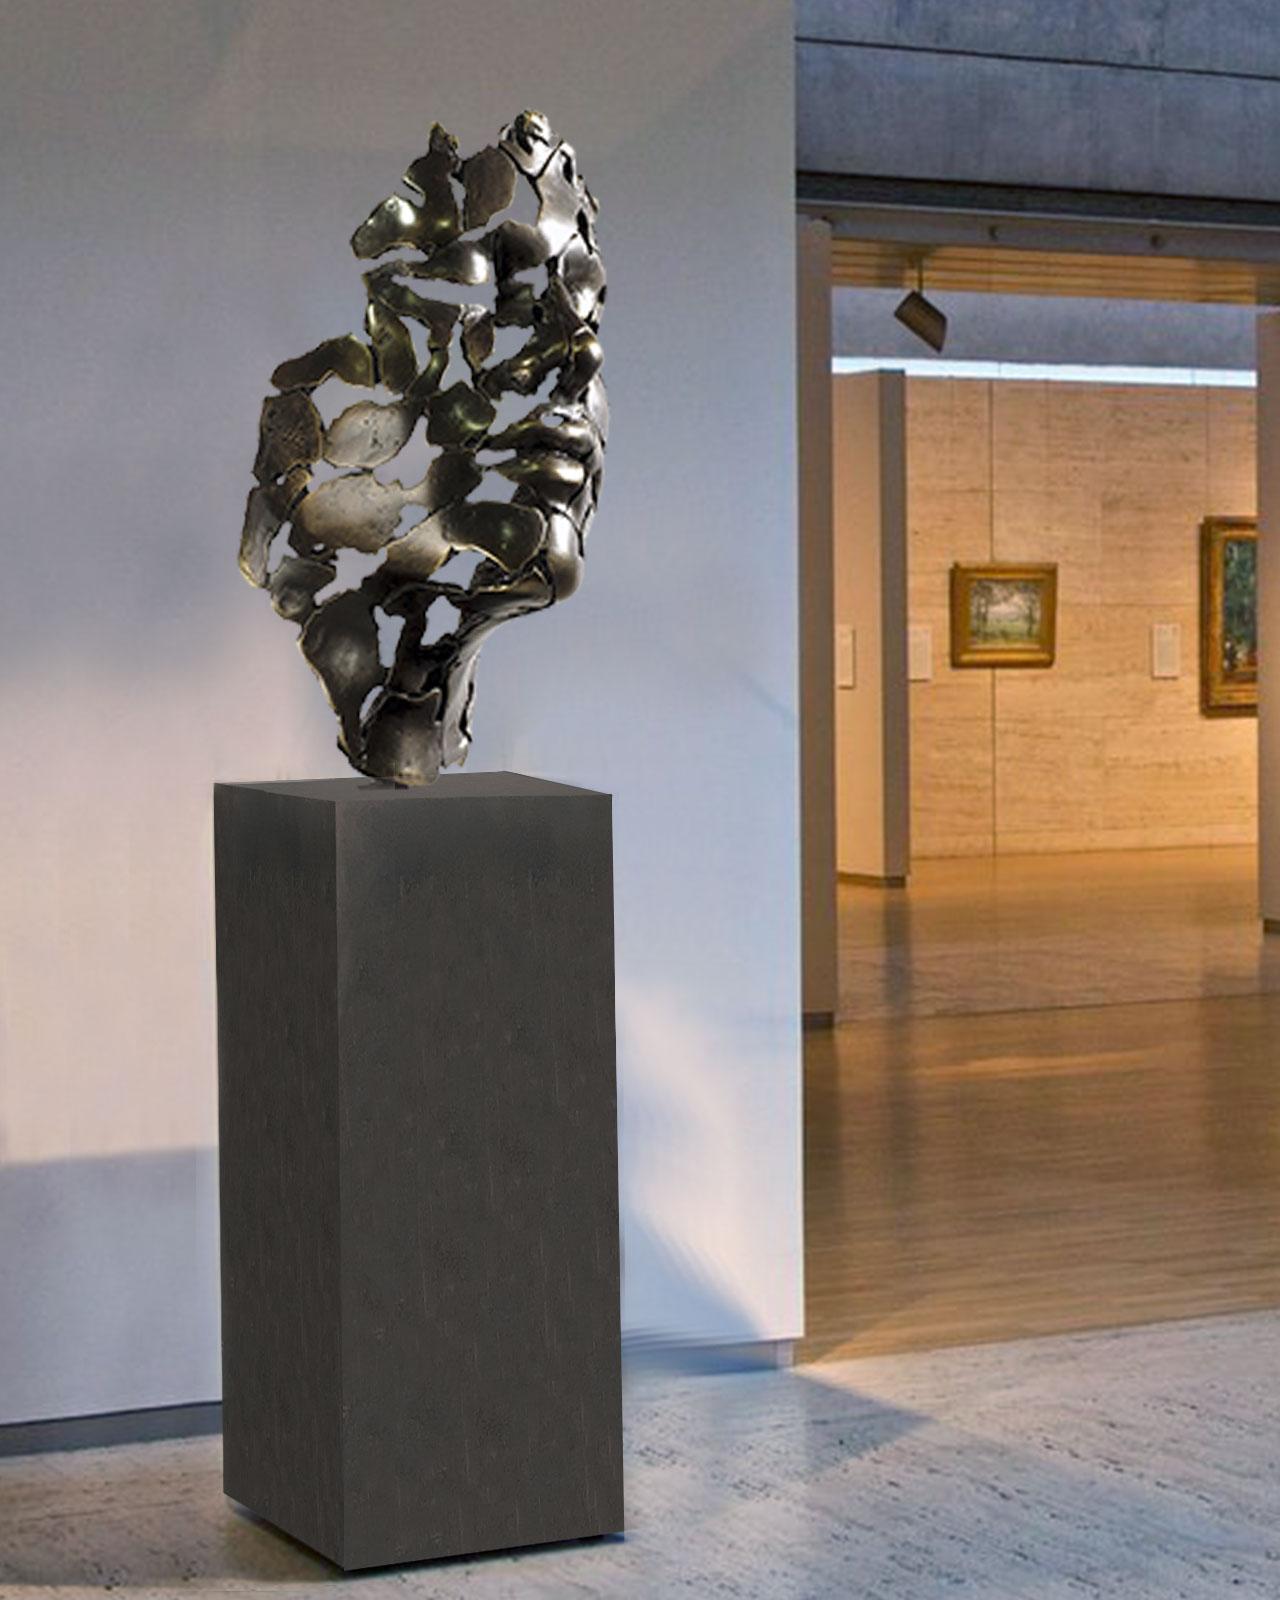 Mi Esencia de Juventud bien expuesta en esta galería.